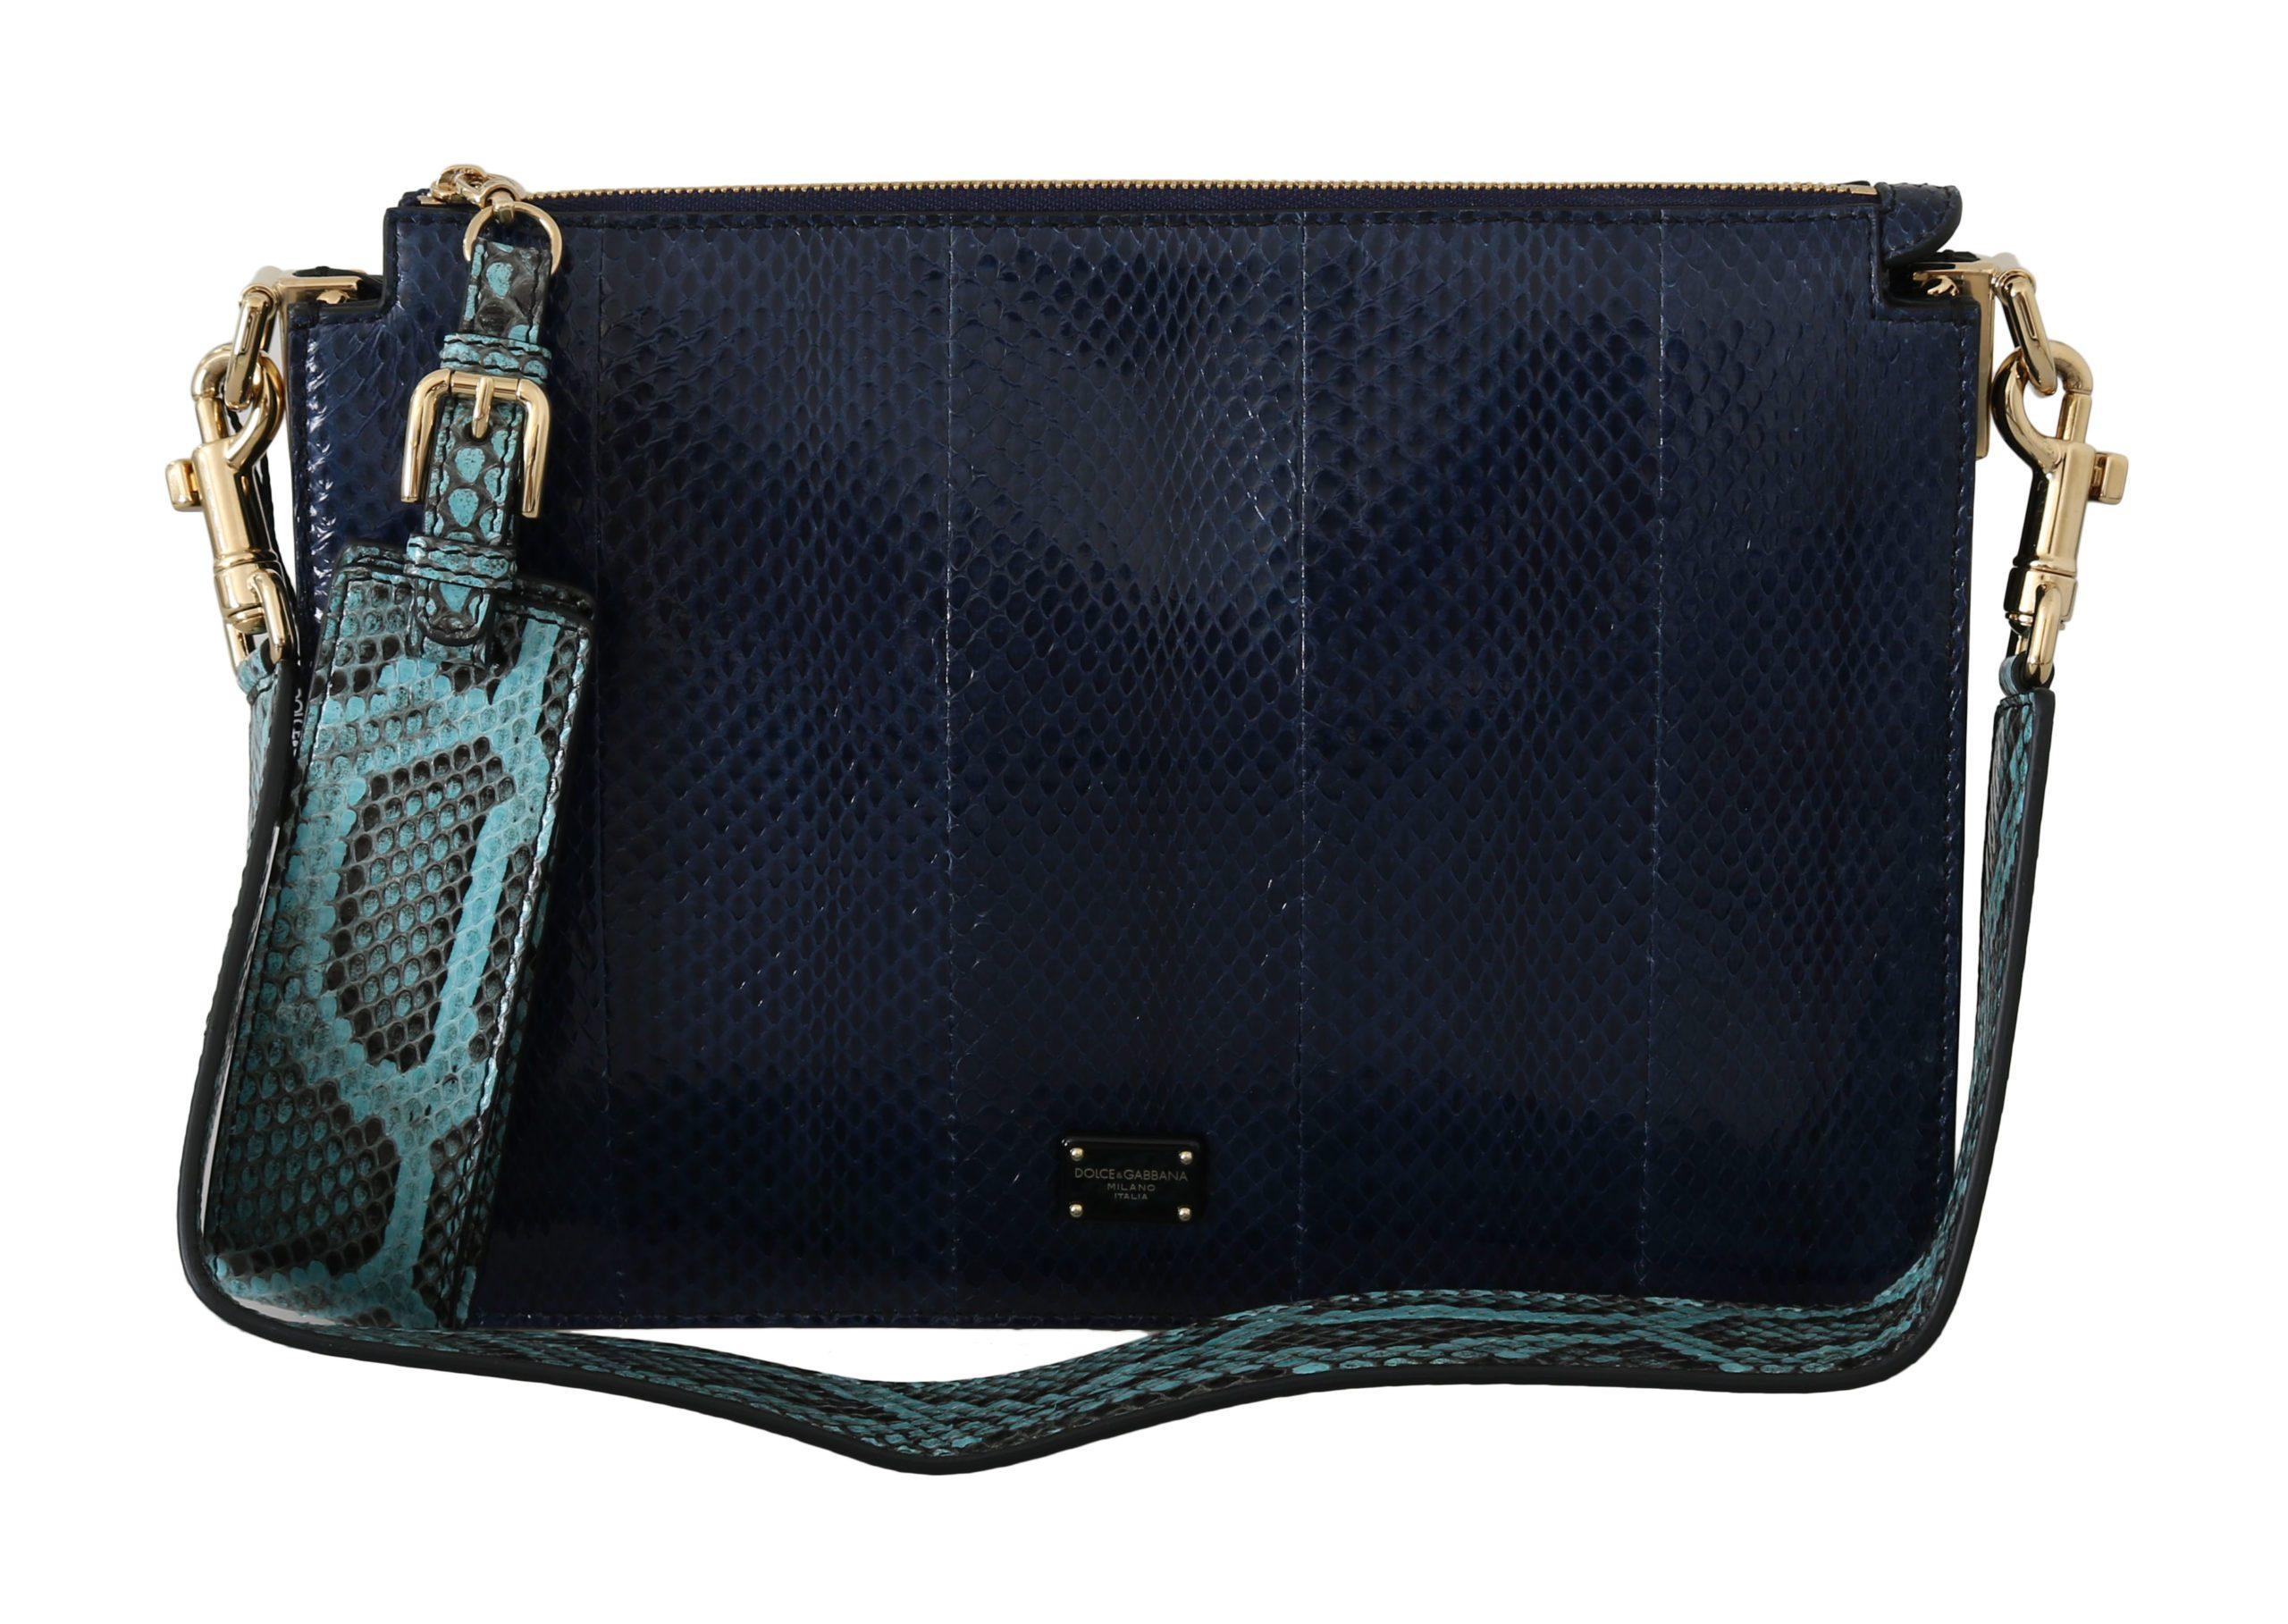 Dolce & Gabbana Women's Snakeskin BOOK Leather Shoulder Bag Blue VAS8666